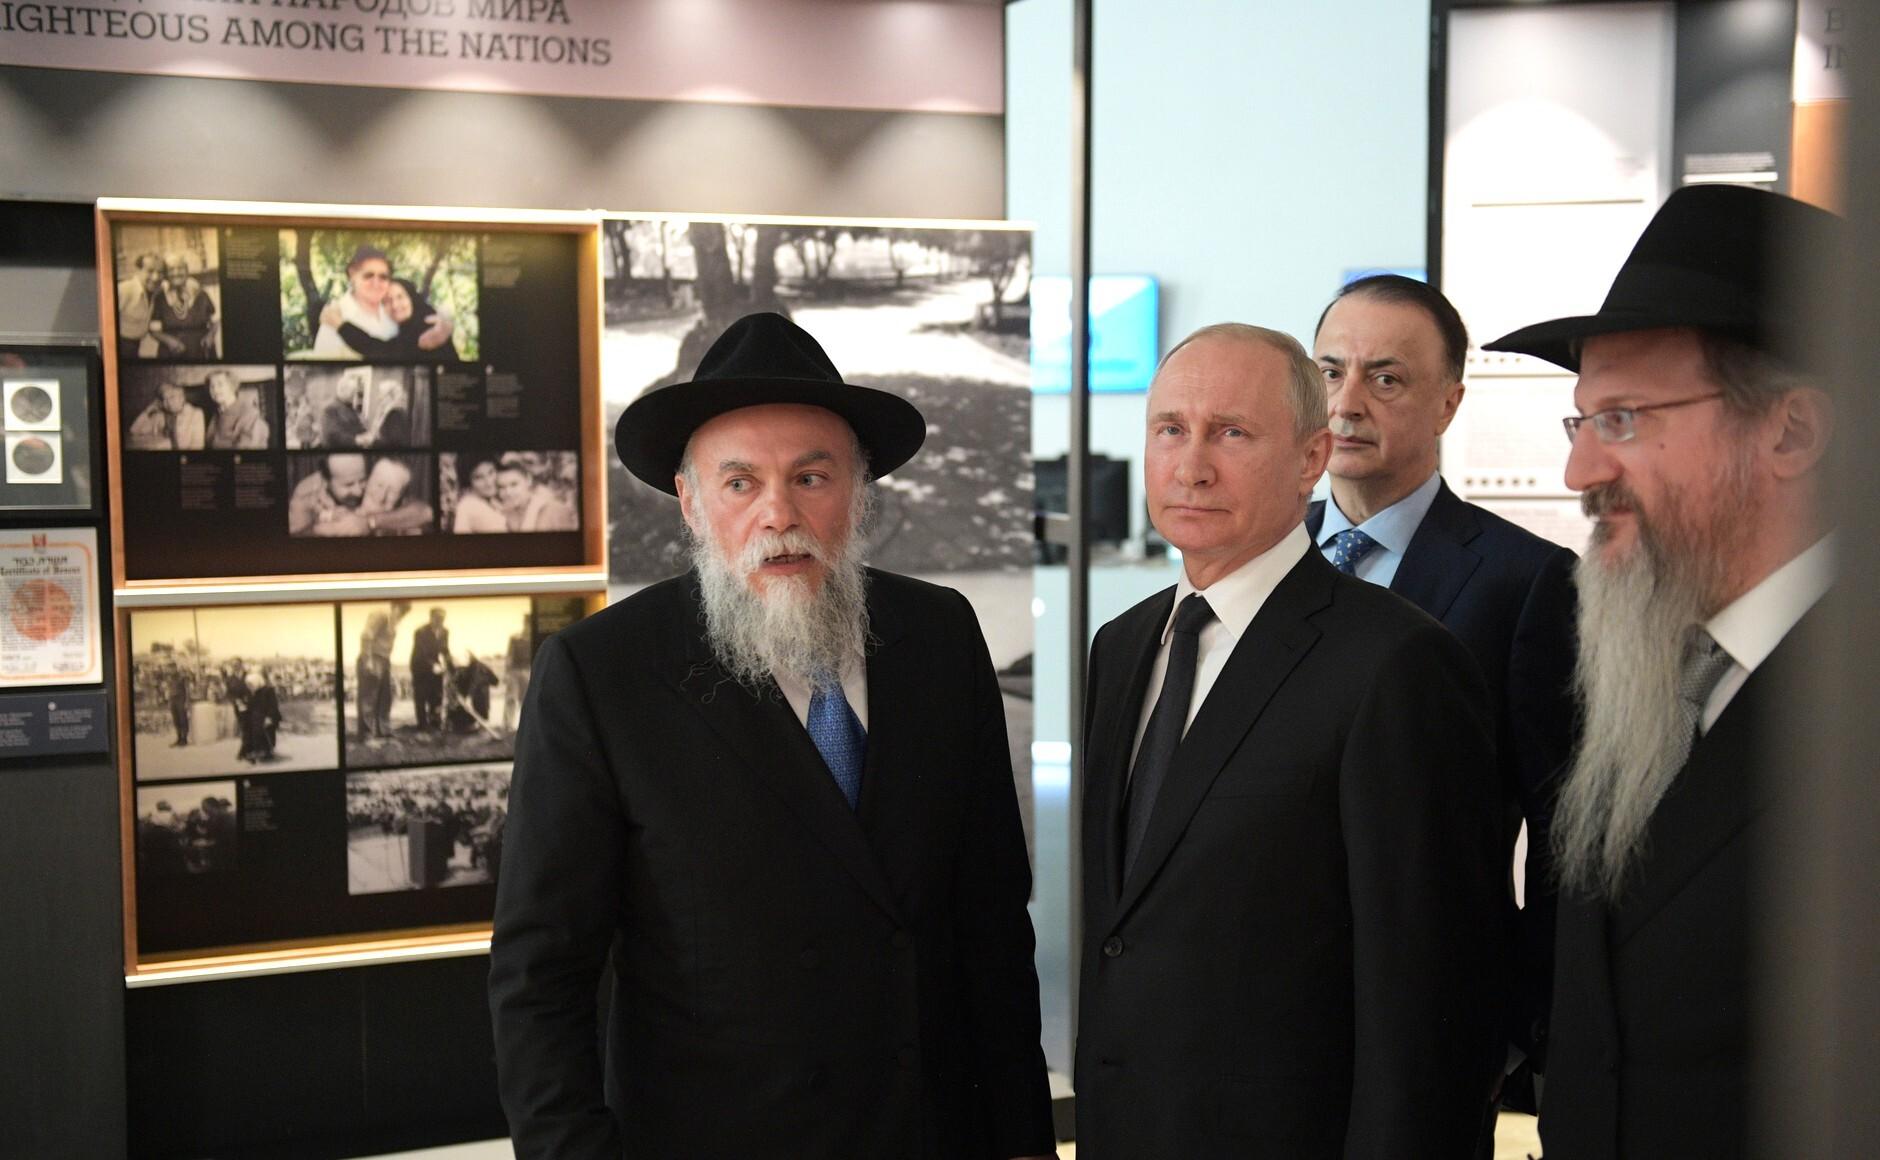 Wladimir Putin bei einem Besuch des Jüdischen Museums und Zentrums für Toleranz in Moskau, 2019 / Foto © kremlin.ru